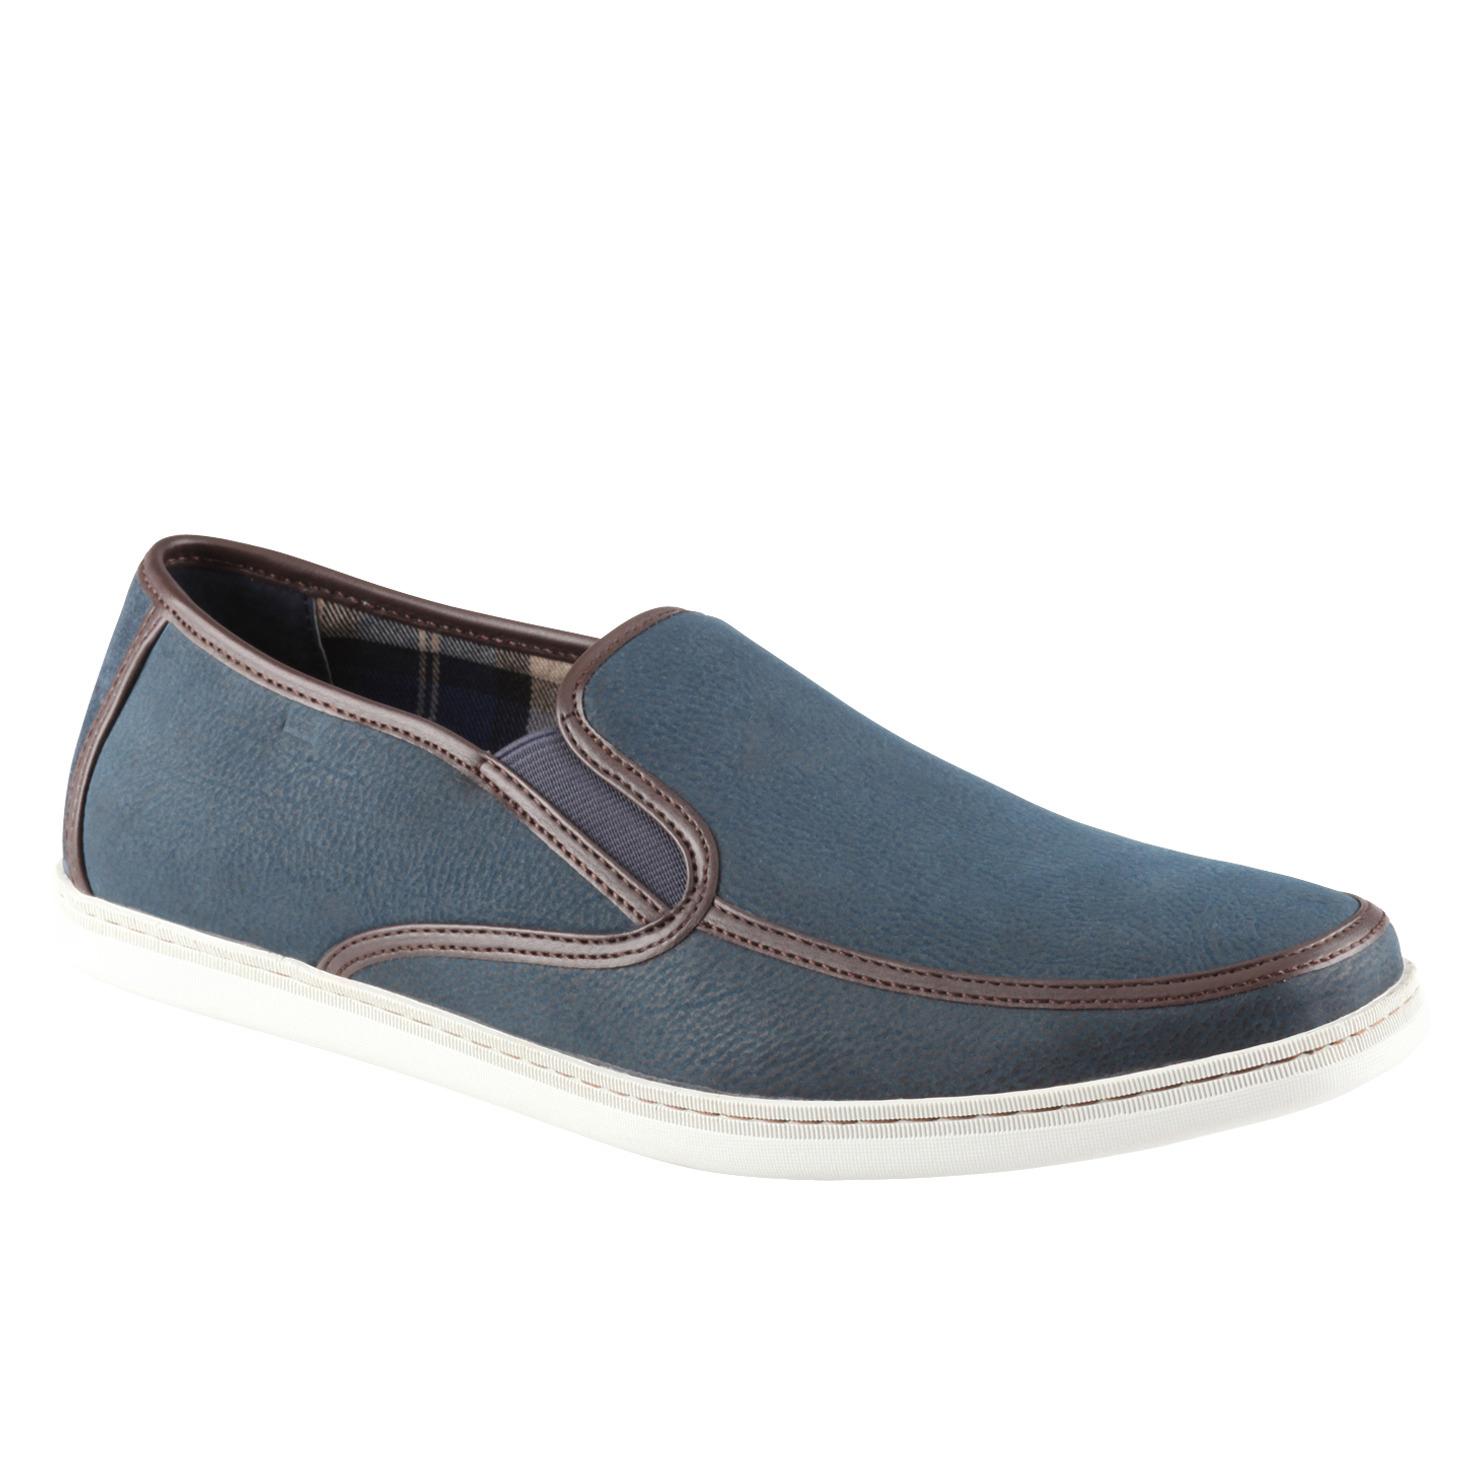 Aldo Blue Driver Shoes